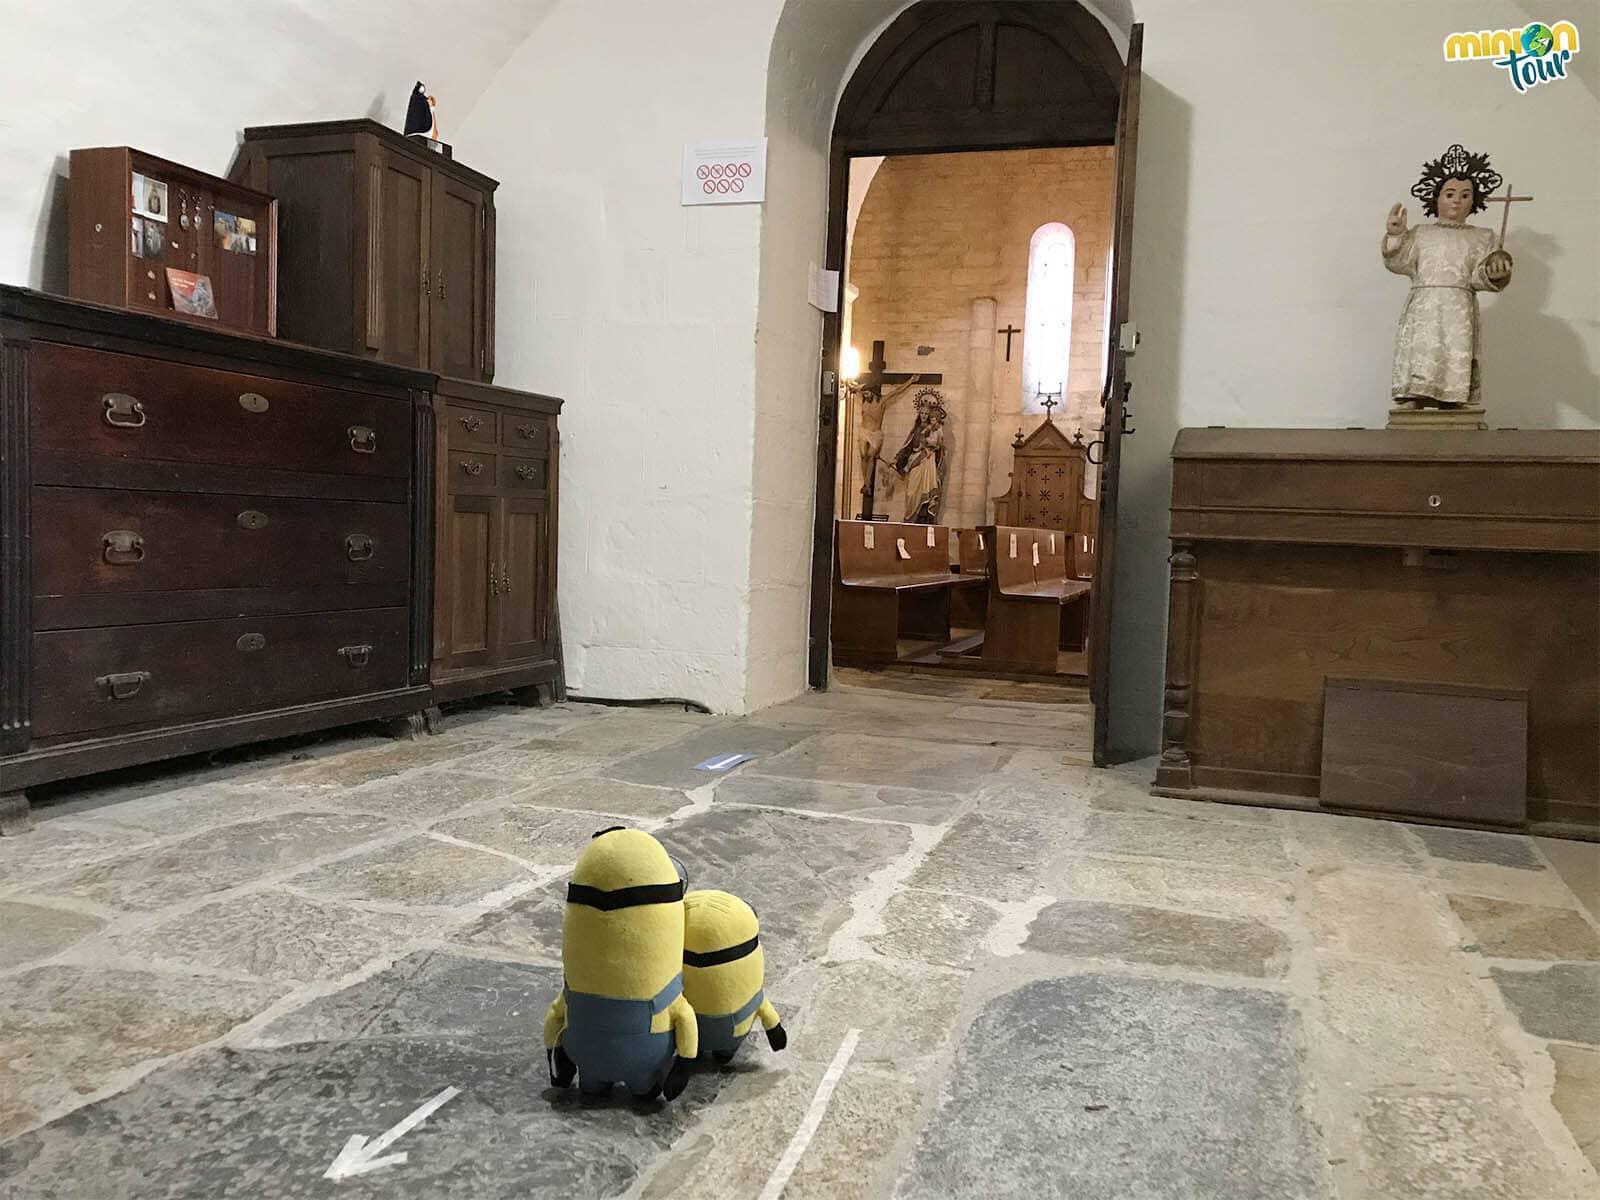 Terminando nuestra visita por la Basílica de San Martín de Mondoñedo